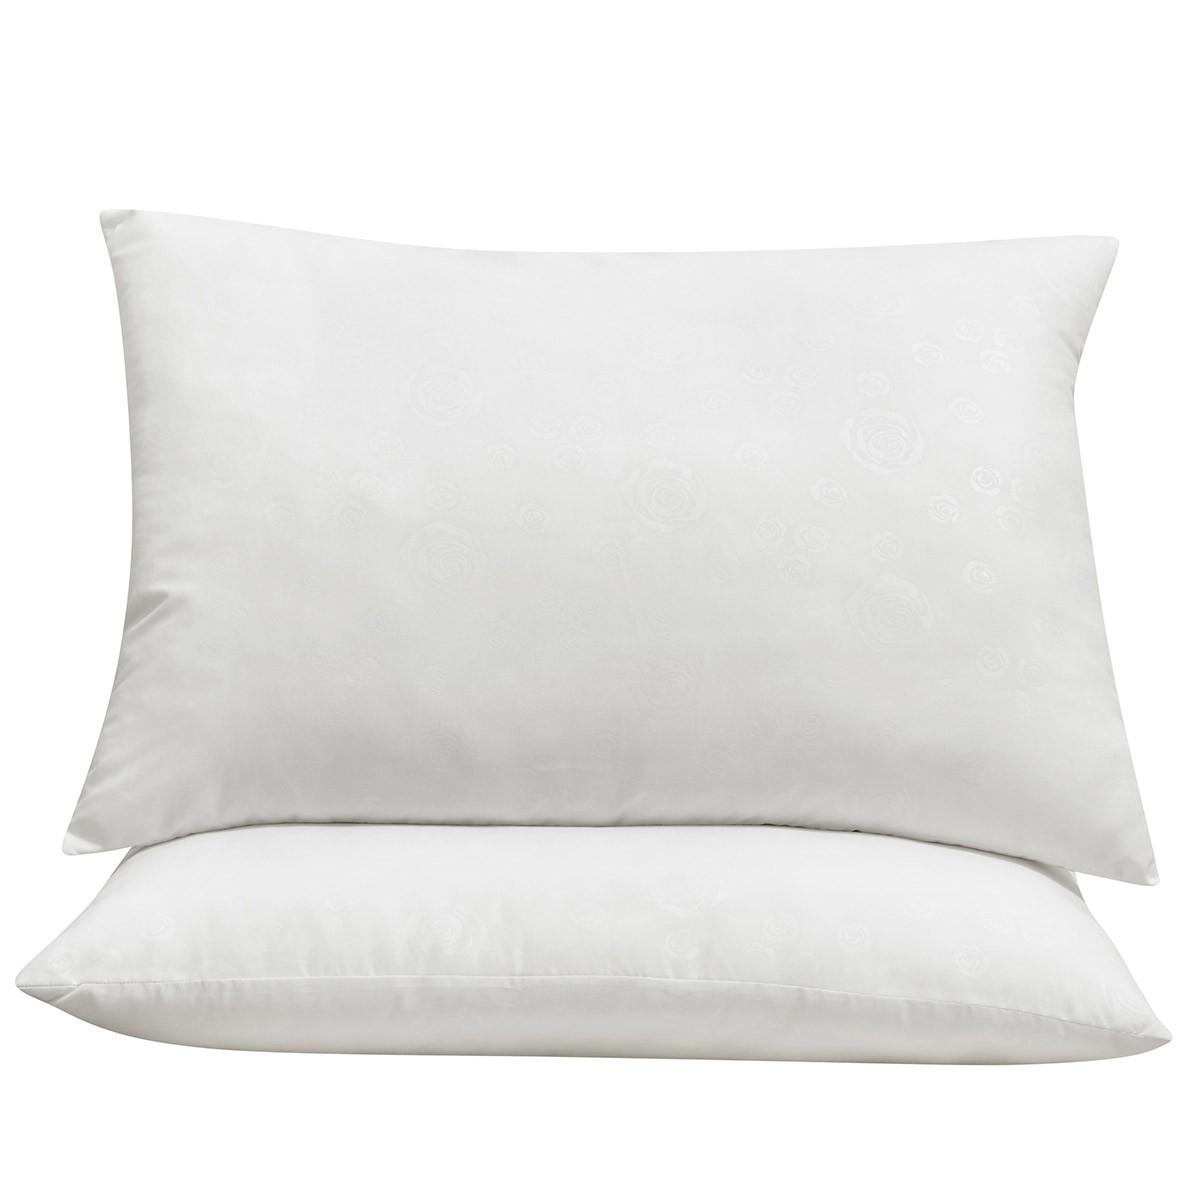 Ζεύγος Μαξιλάρια Ύπνου Das Home 1036